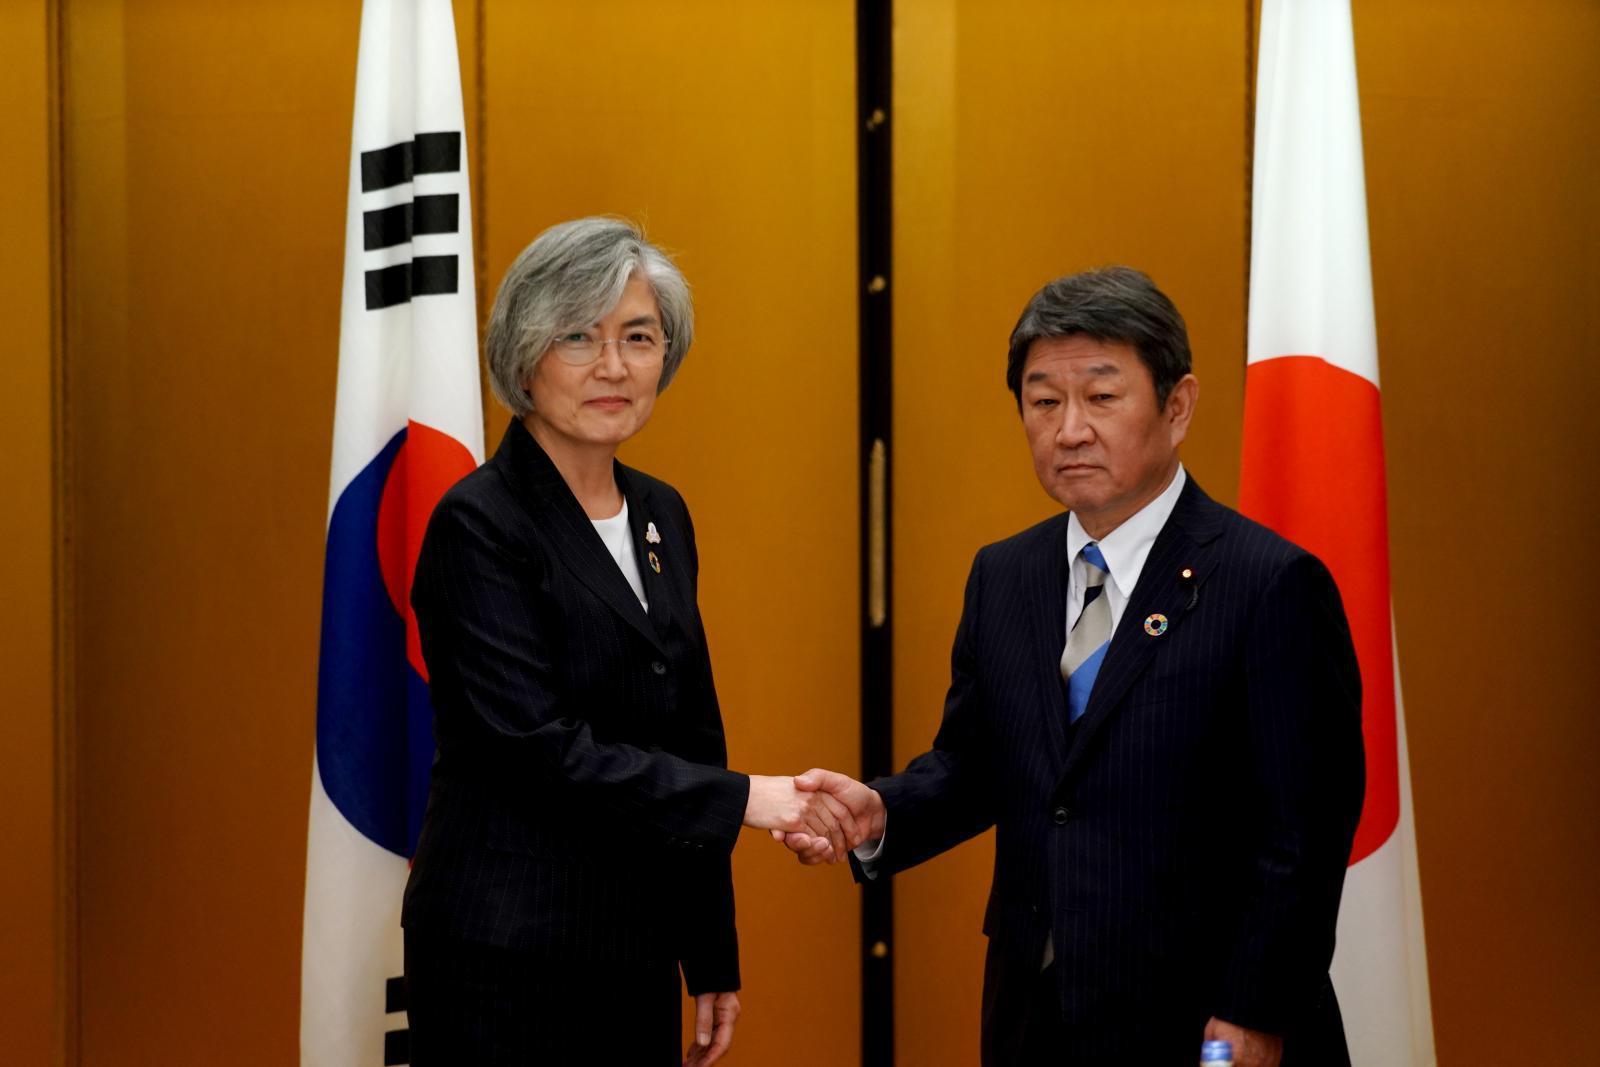 ลดความตึงเครียด! เกาหลีใต้-ญี่ปุ่น เห็นพ้องจัดประชุมสุดยอดสองผู้นำ ธ.ค.นี้